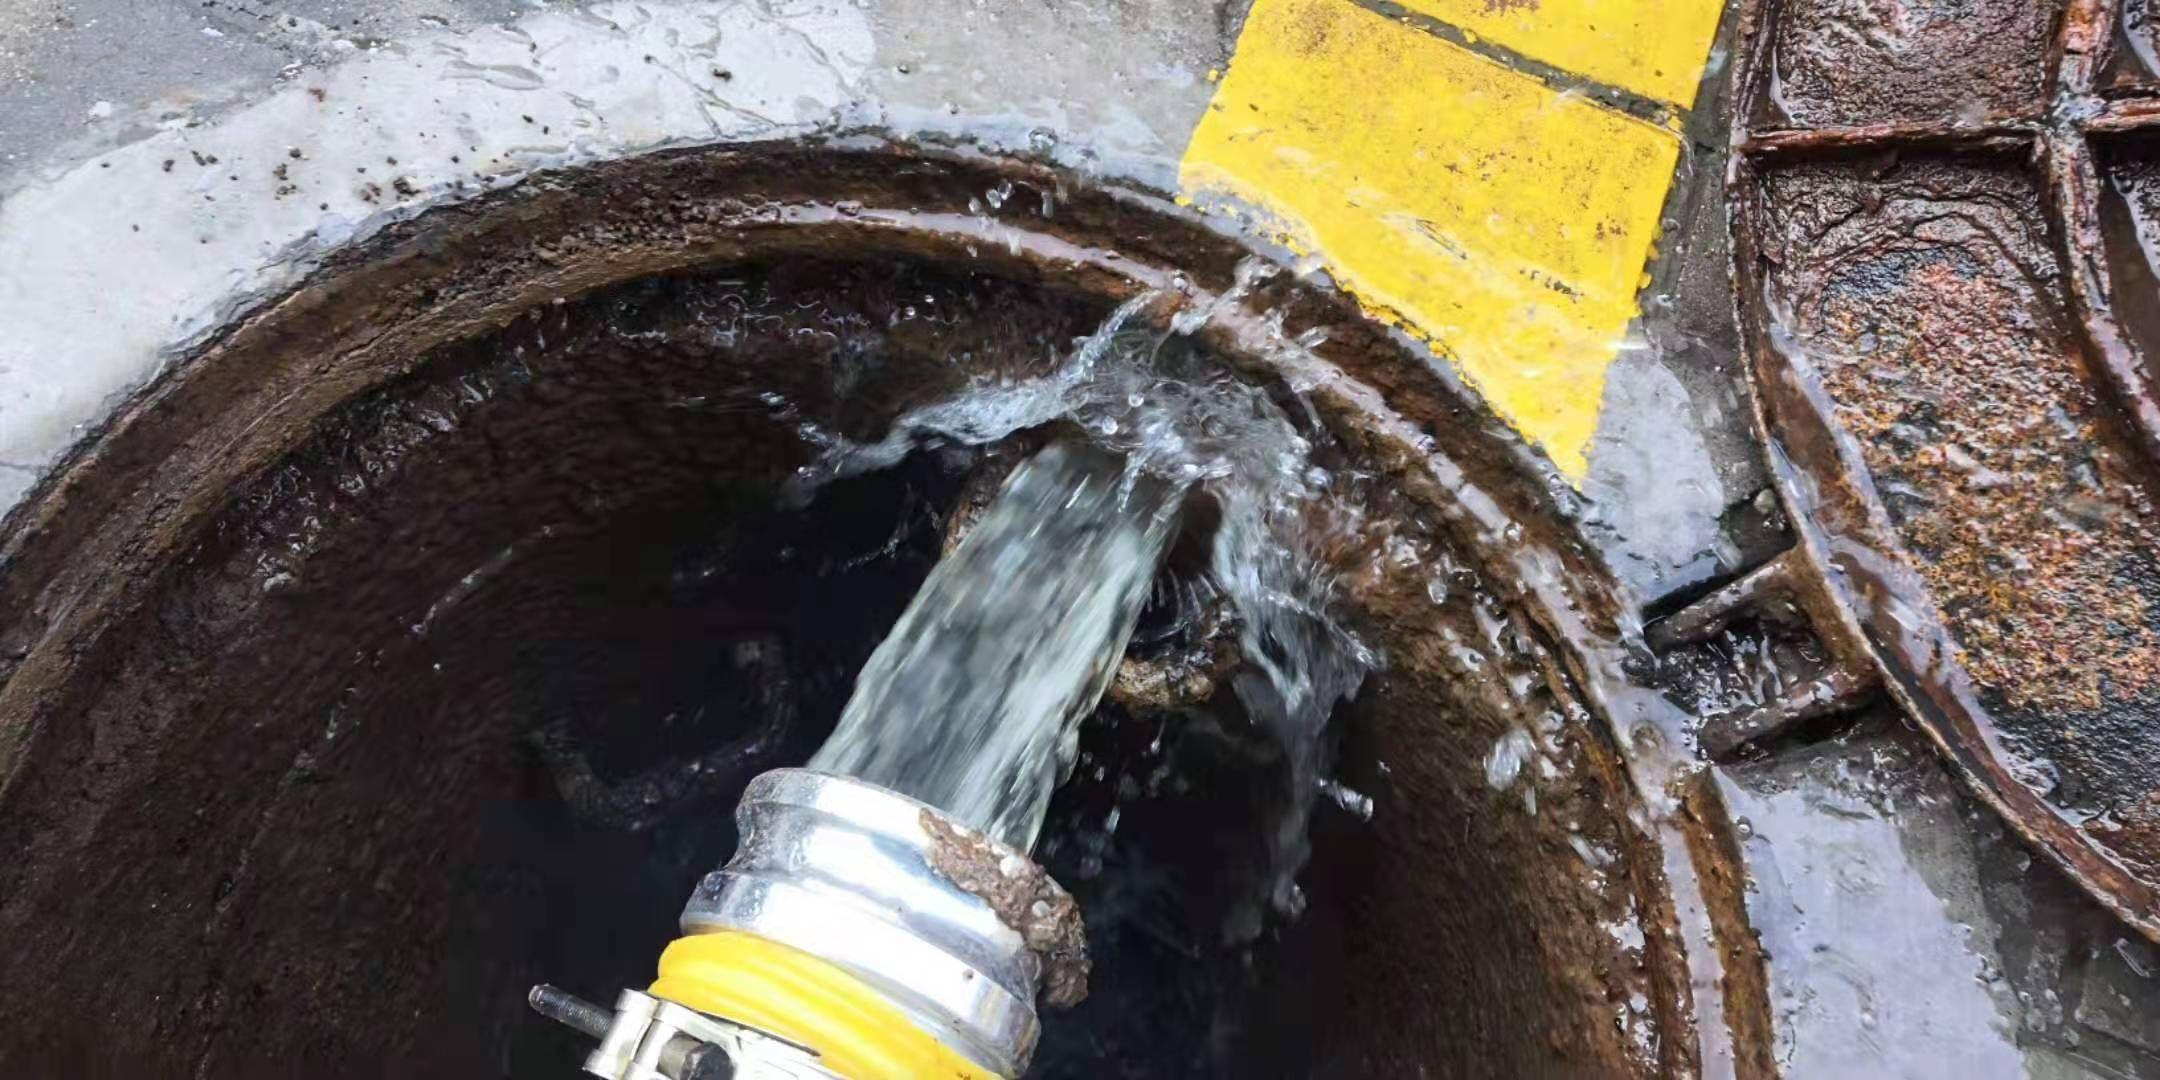 新型化粪池干湿分离吸粪车 变废为宝环保新方向